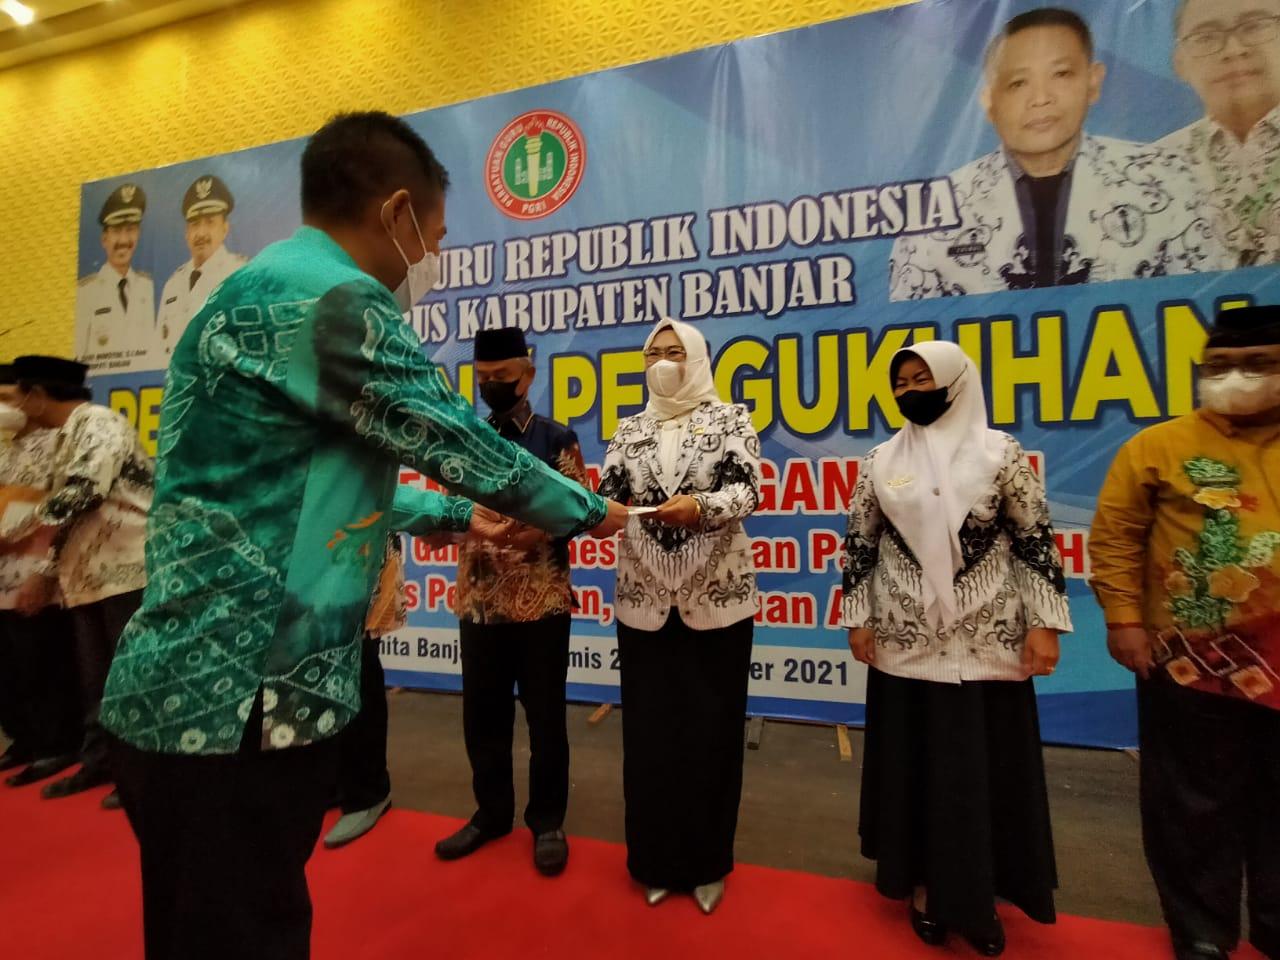 Kepengurusan PGRI Banjar Resmi Dilantik Periode 2020 - 2025